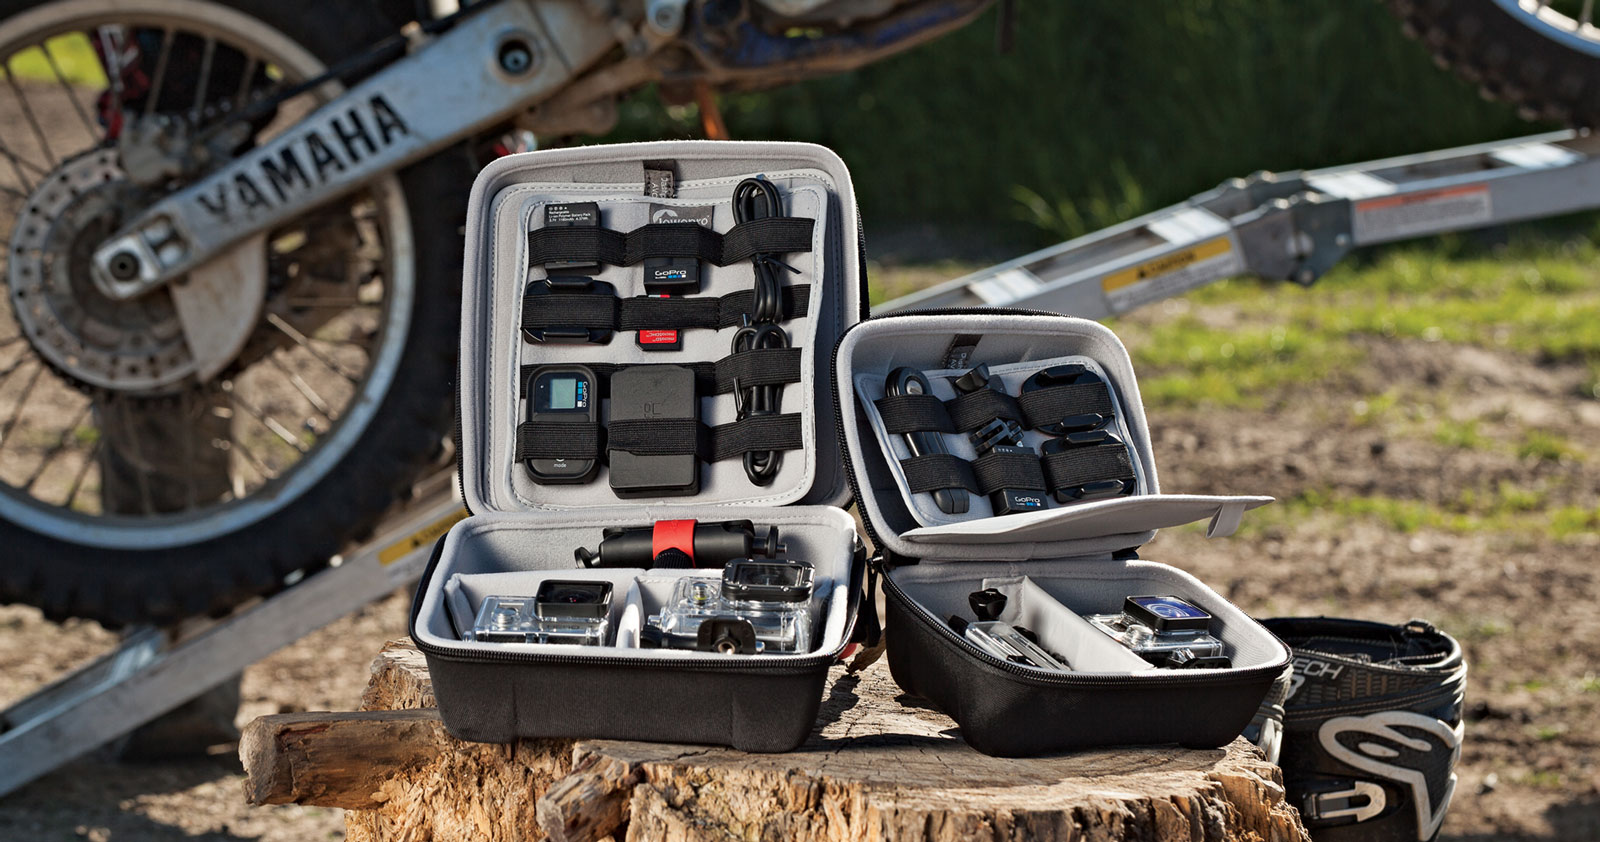 LowePro uued kaamerakotid on mõeldud GoPro videokaamerate jaoks